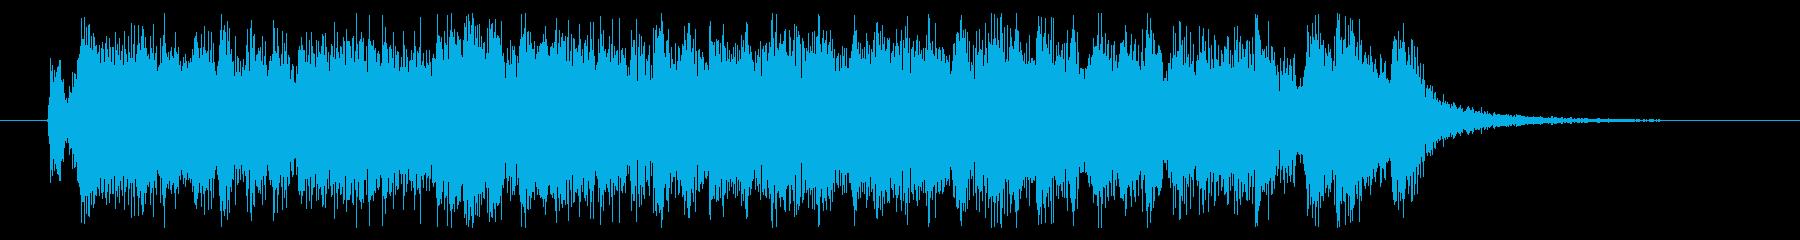 白熱した戦いをイメージver.2の再生済みの波形